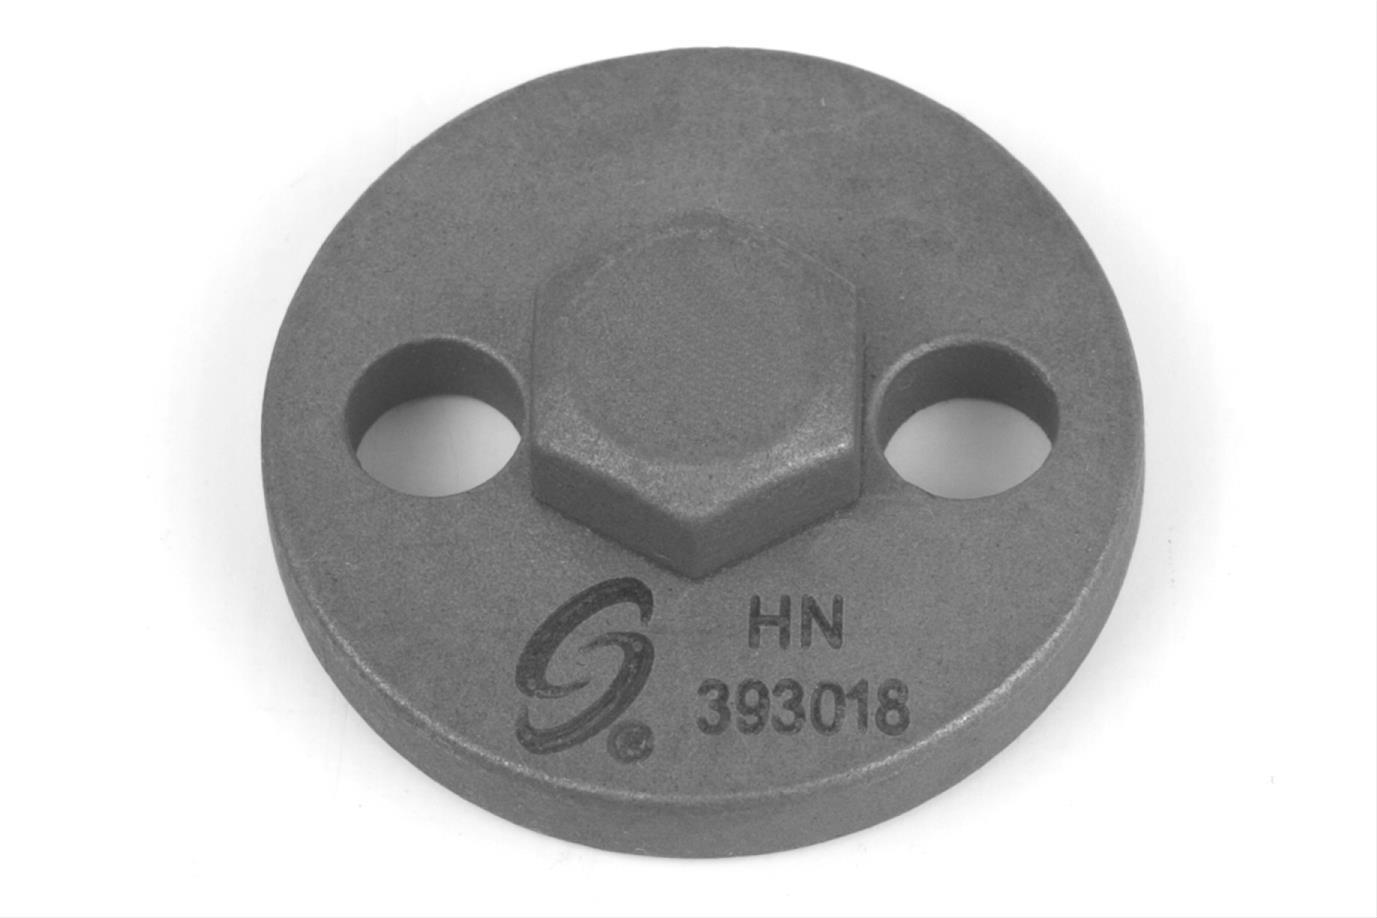 Sunex Tools Brake Caliper Tool Adapters 393018 - Free